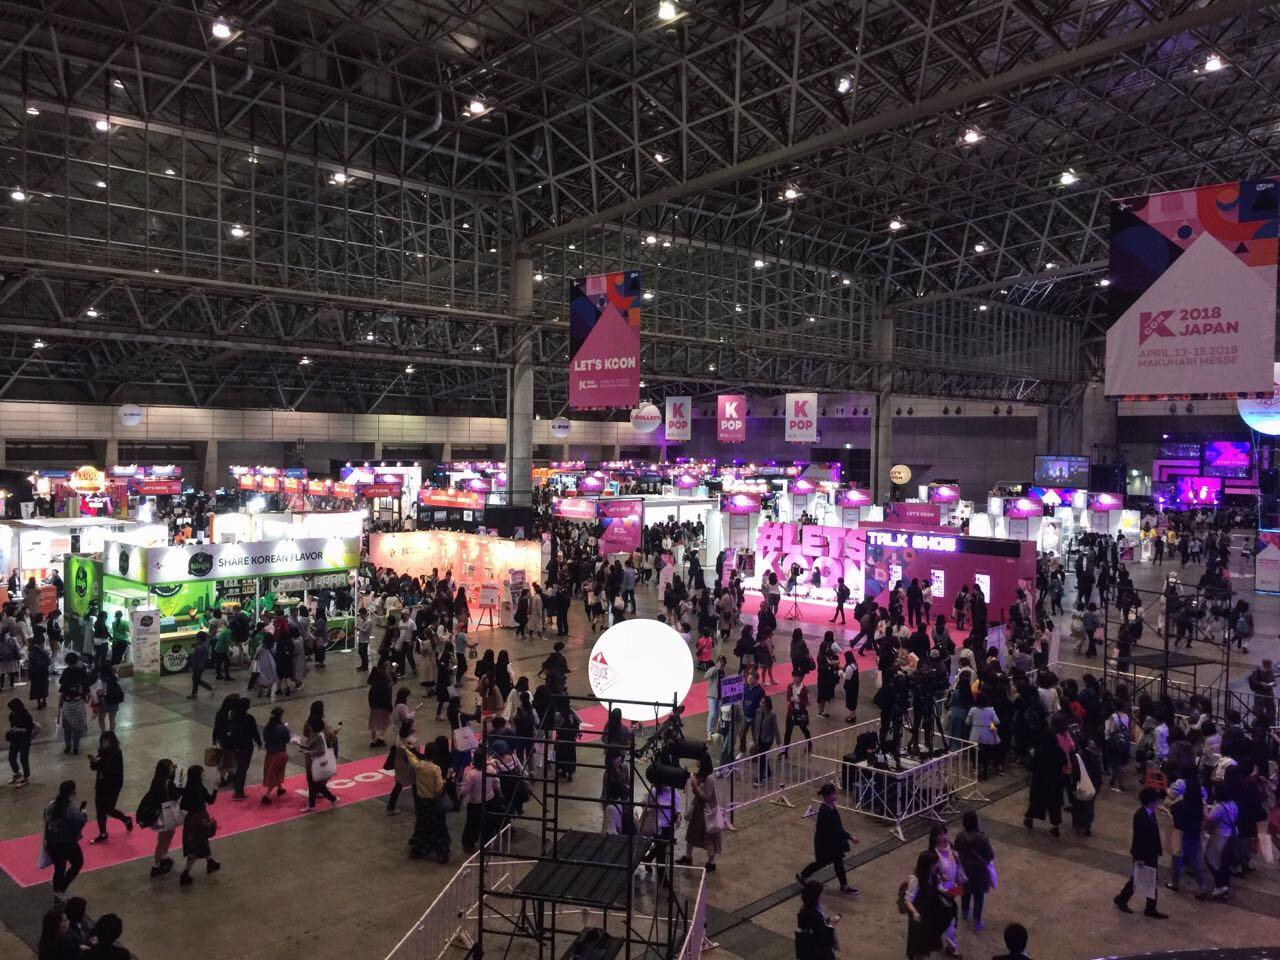 2018 케이콘 일본 / 2018 Kcon japan